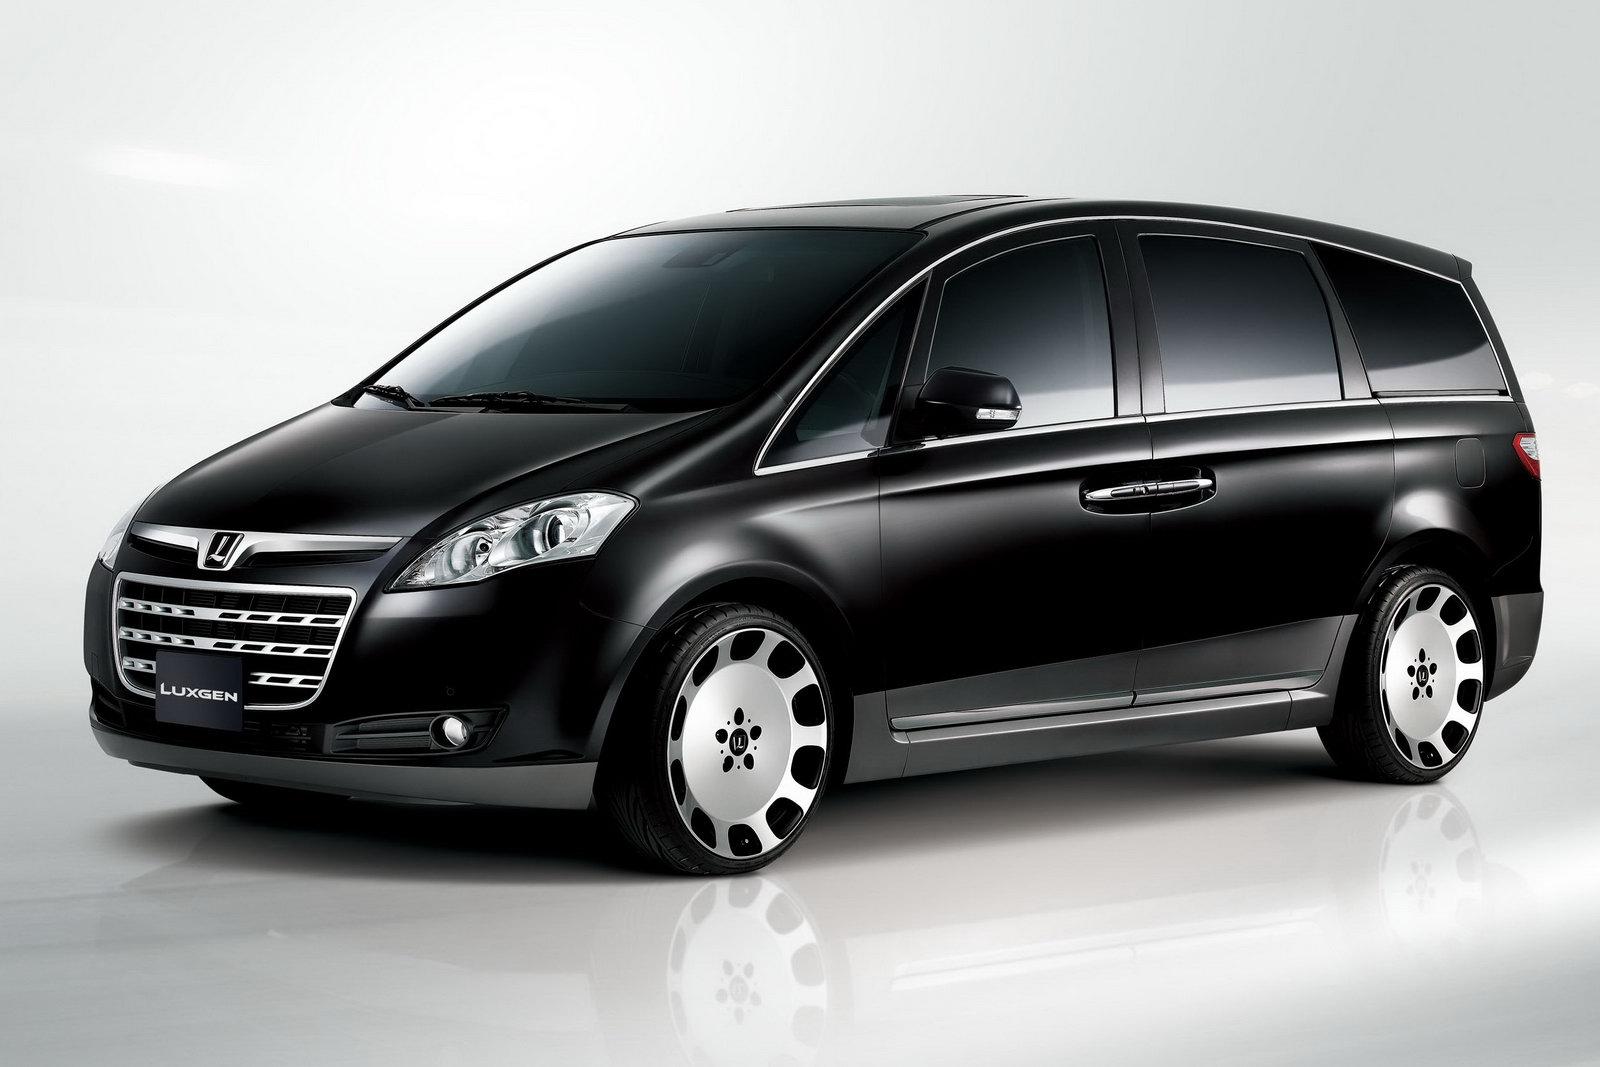 Luxgen Luxgen7 MPV 2009 - now Minivan #5